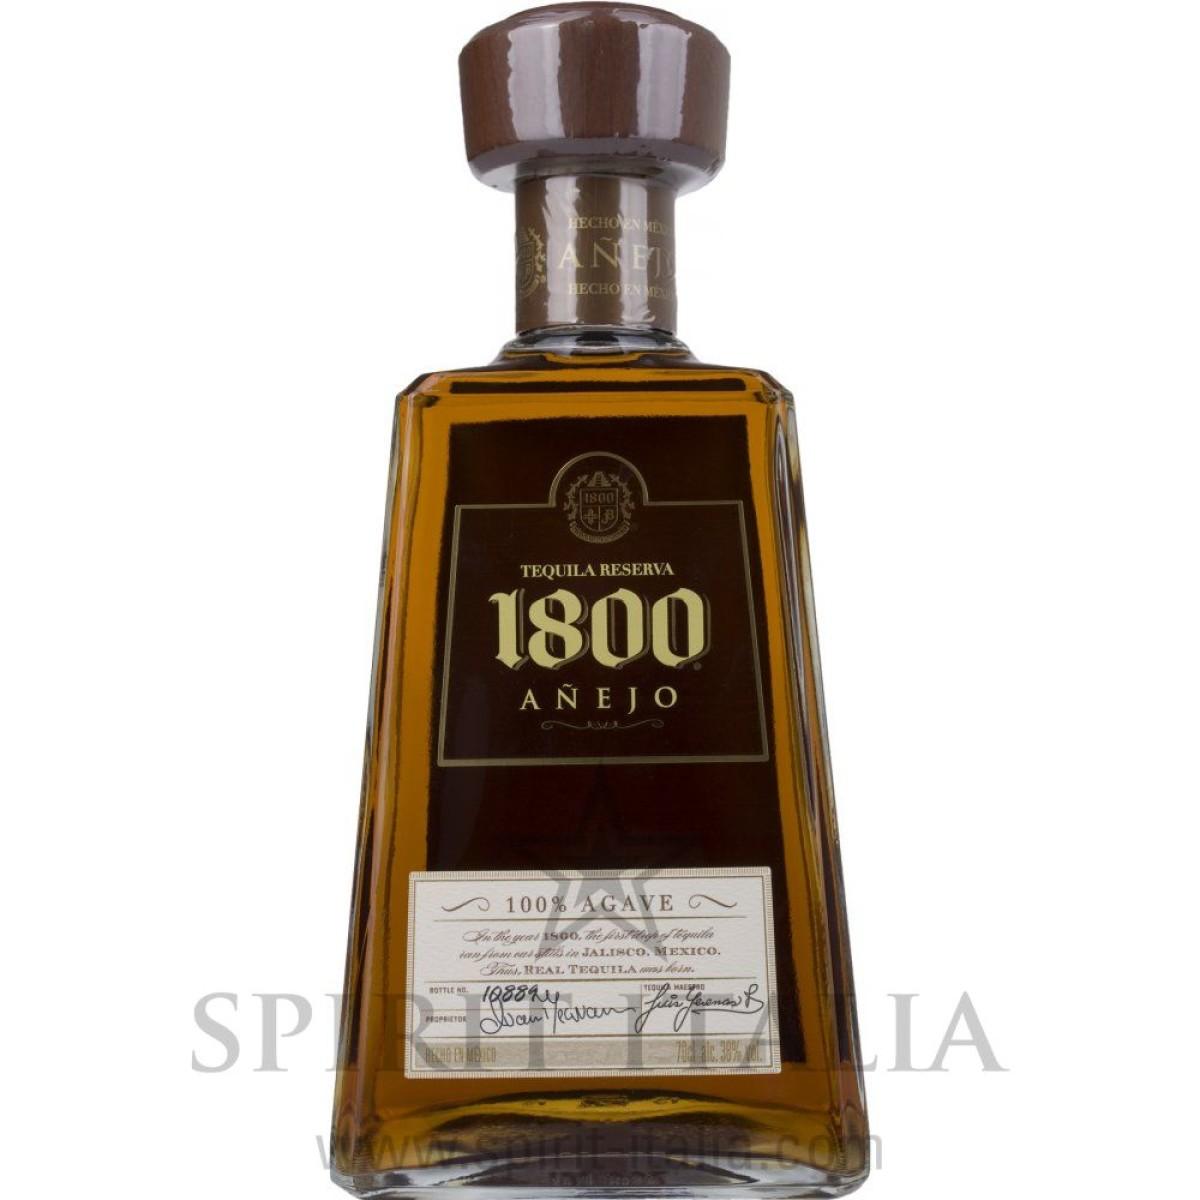 1800 Tequila Reserva ANEJO 100% Agave